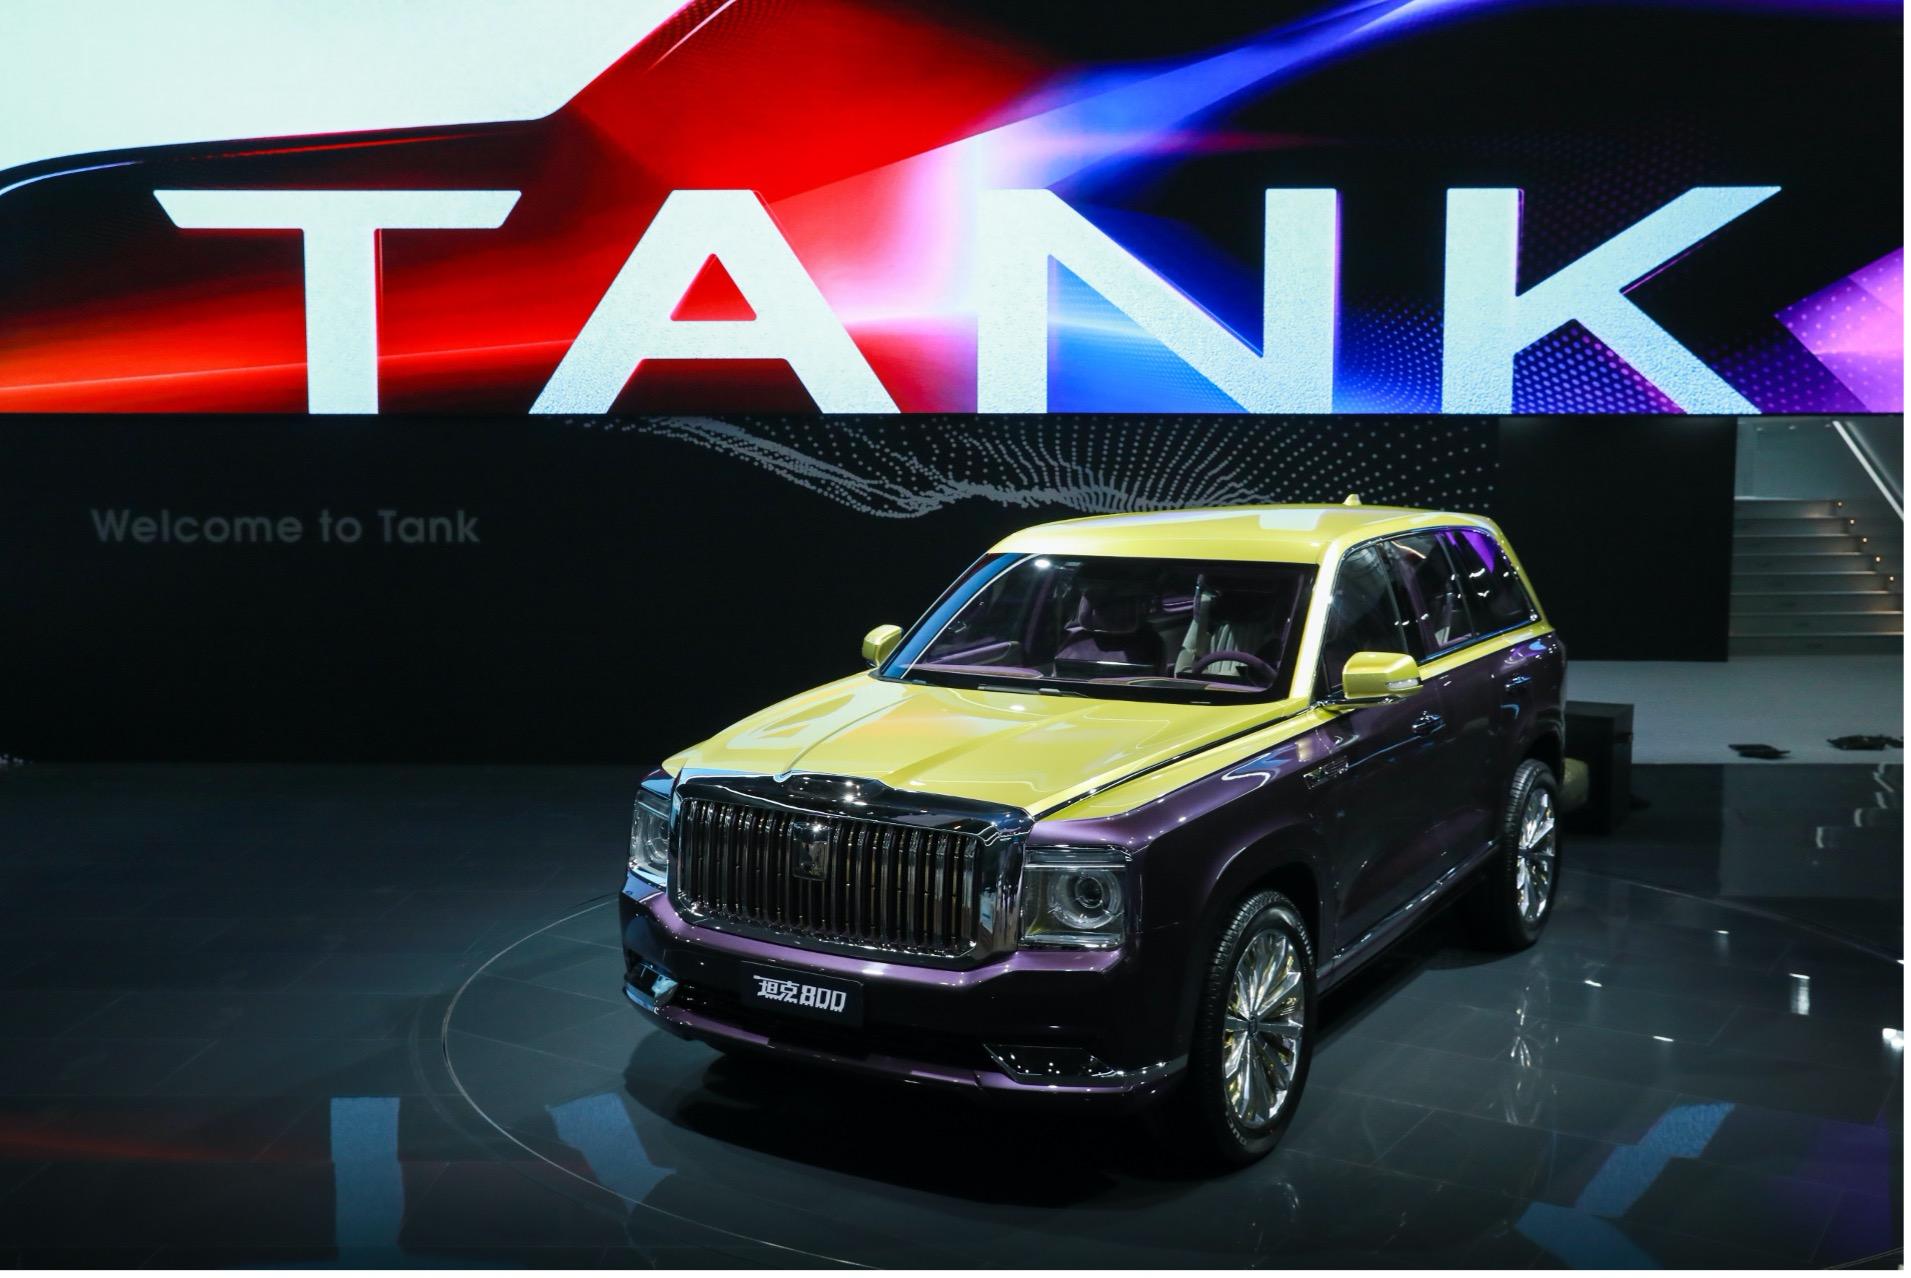 坦克300一炮打响,长城汽车顺势推出独立品牌,城市SUV同时发布